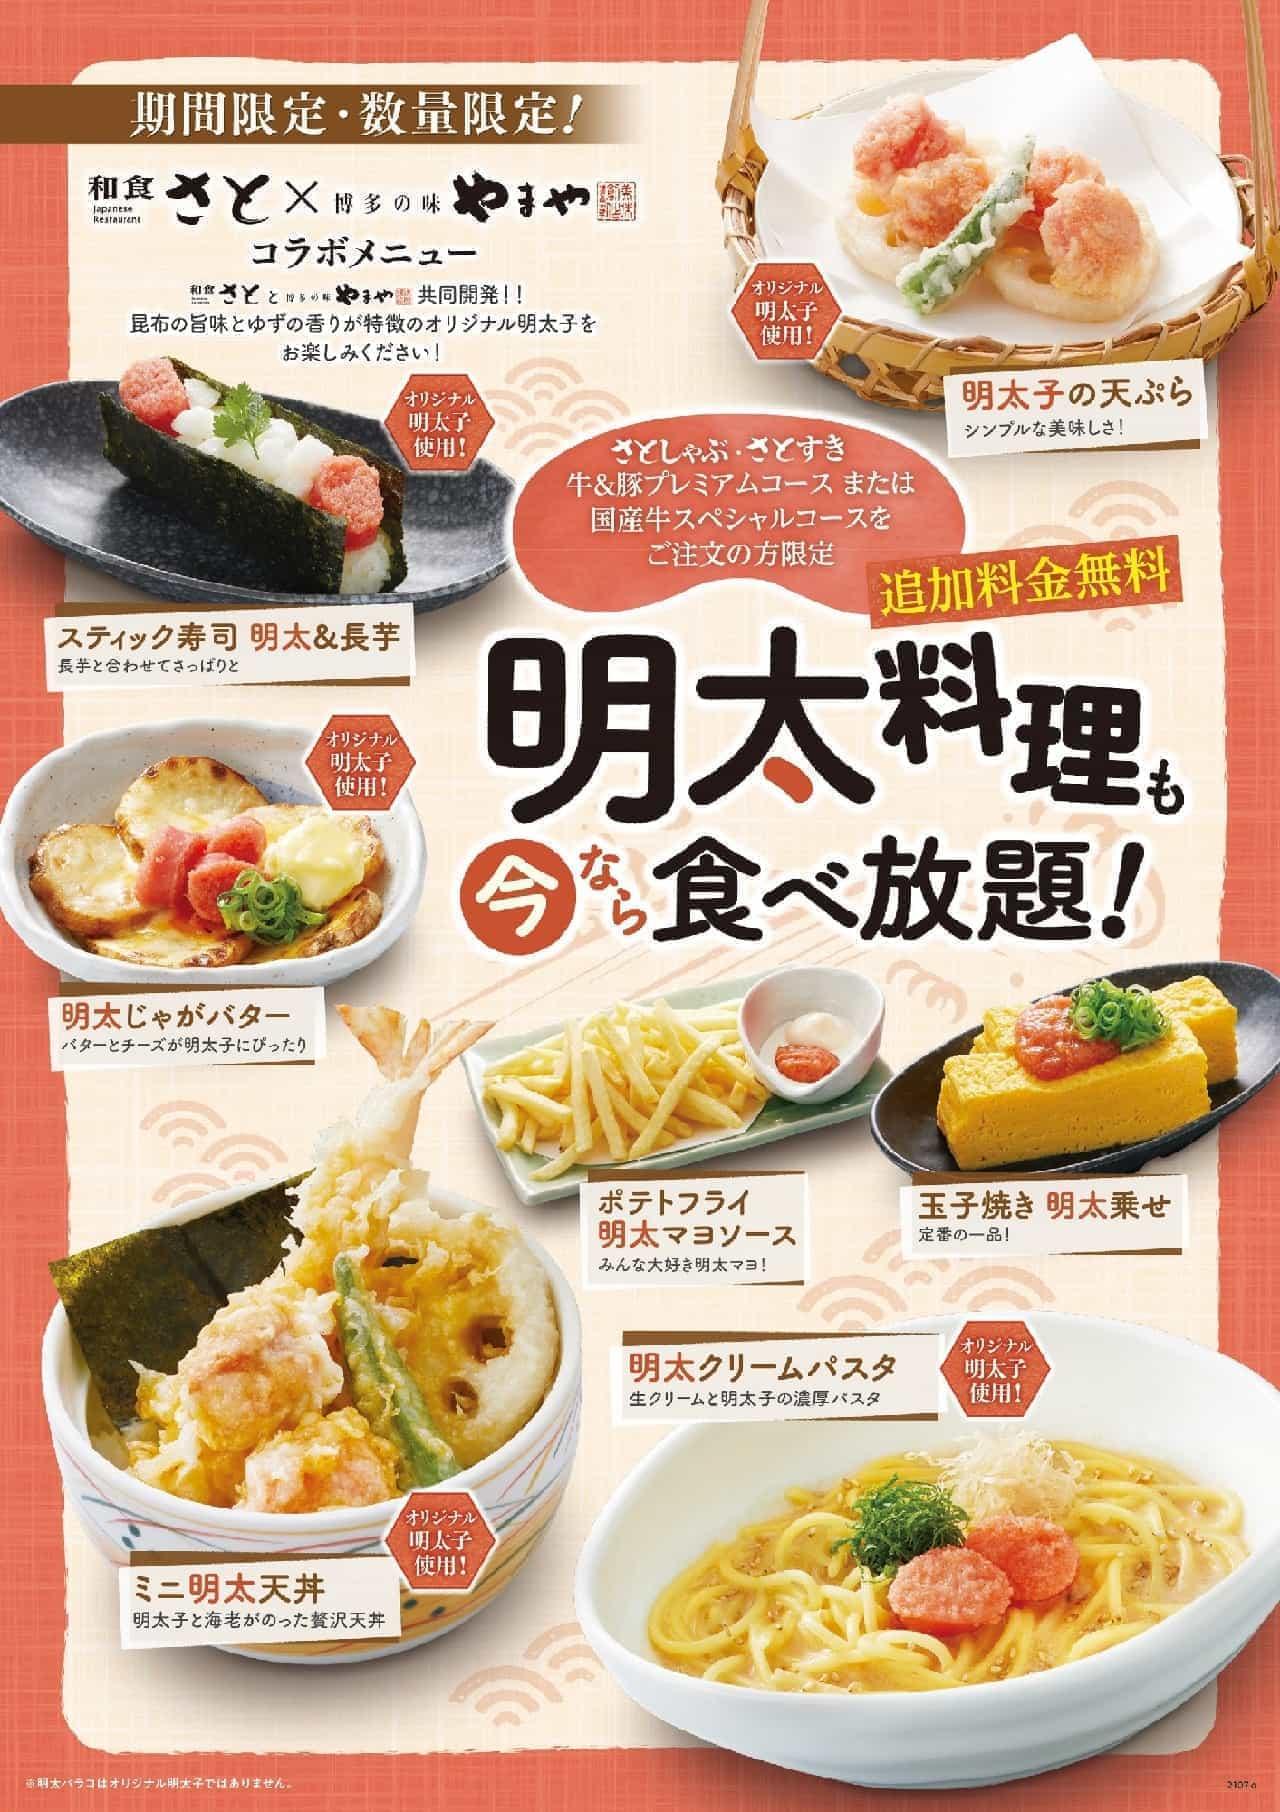 和食さと「博多 明太子」を使った料理が追加料金無料で食べ放題